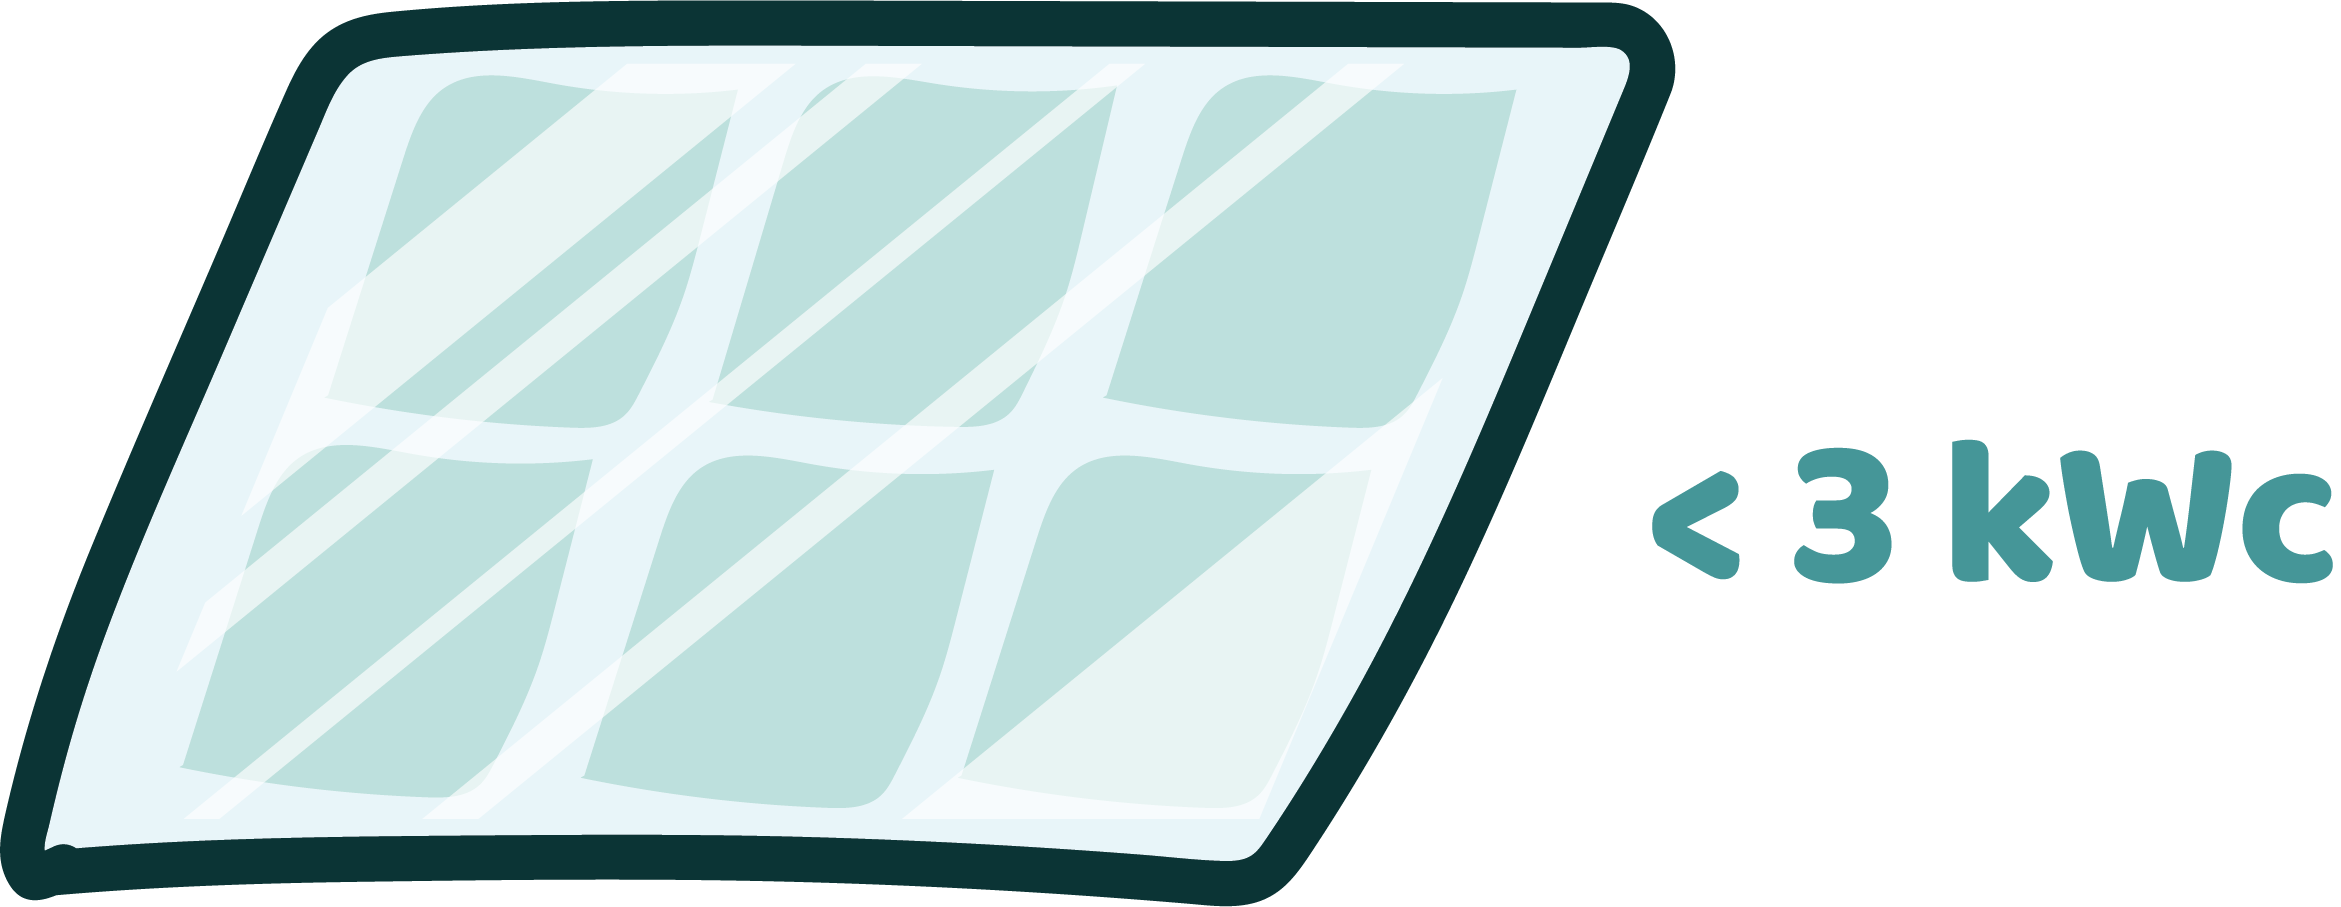 Comment déclarer les revenus de vos panneaux solaires aux impôts ? 1